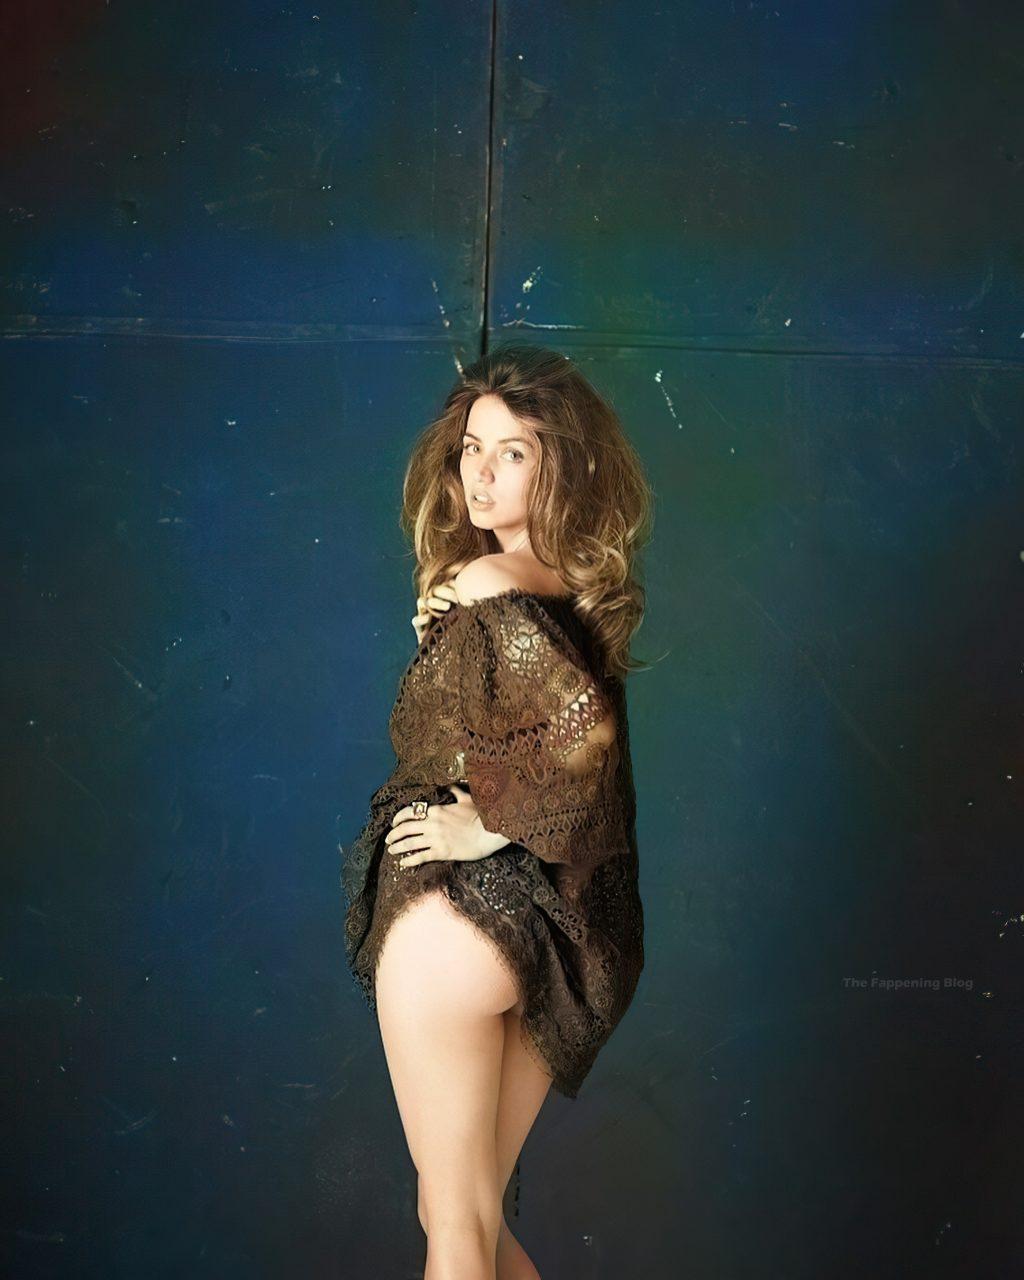 Ana de Armas See Through & Sexy (16 Colorized Photos + Video)